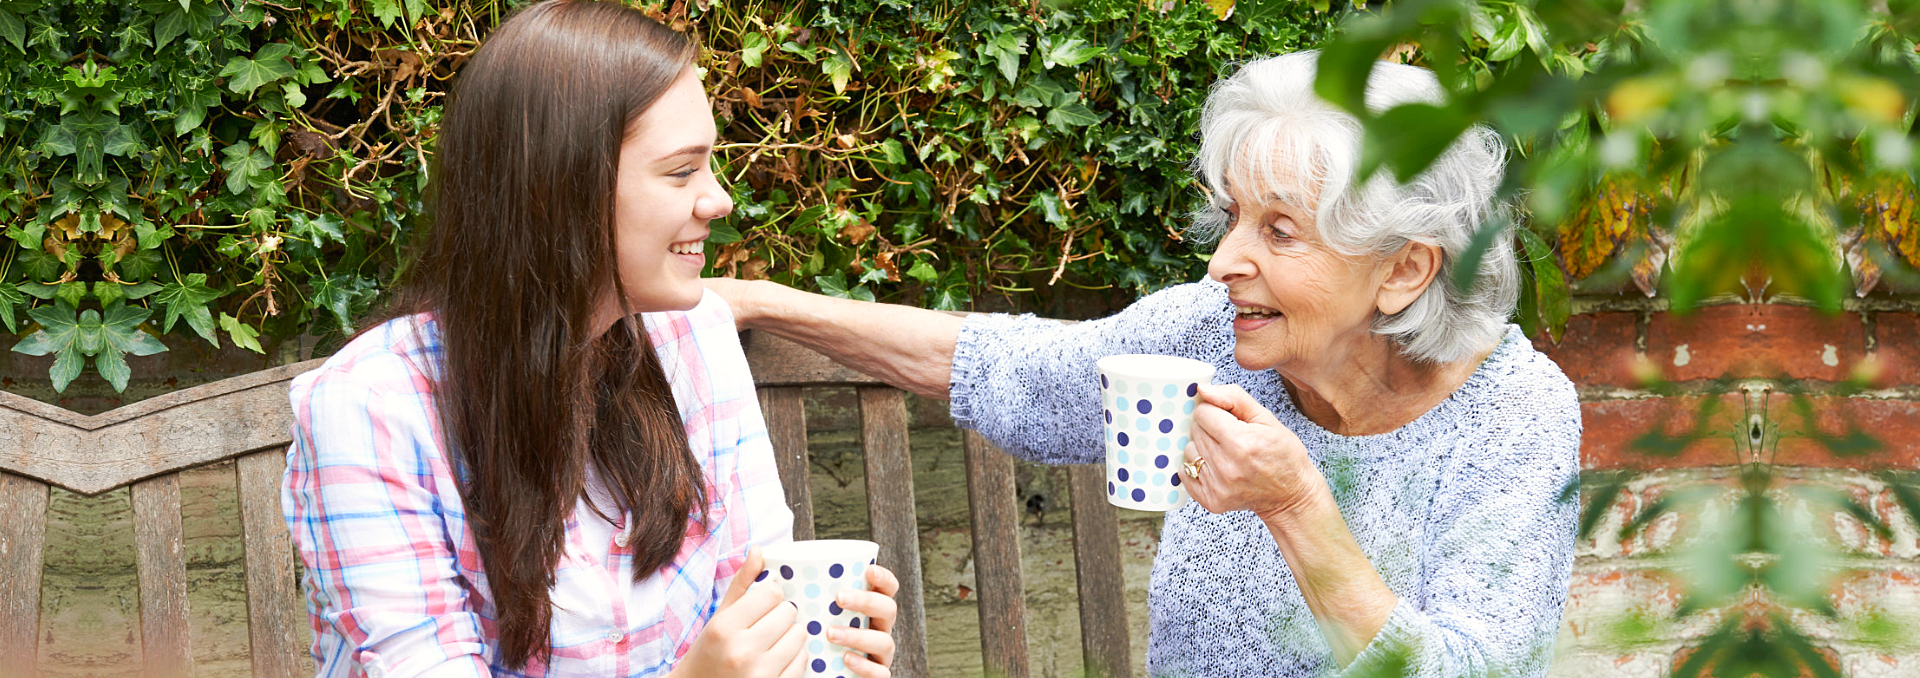 grandma and her caretaker having tea time